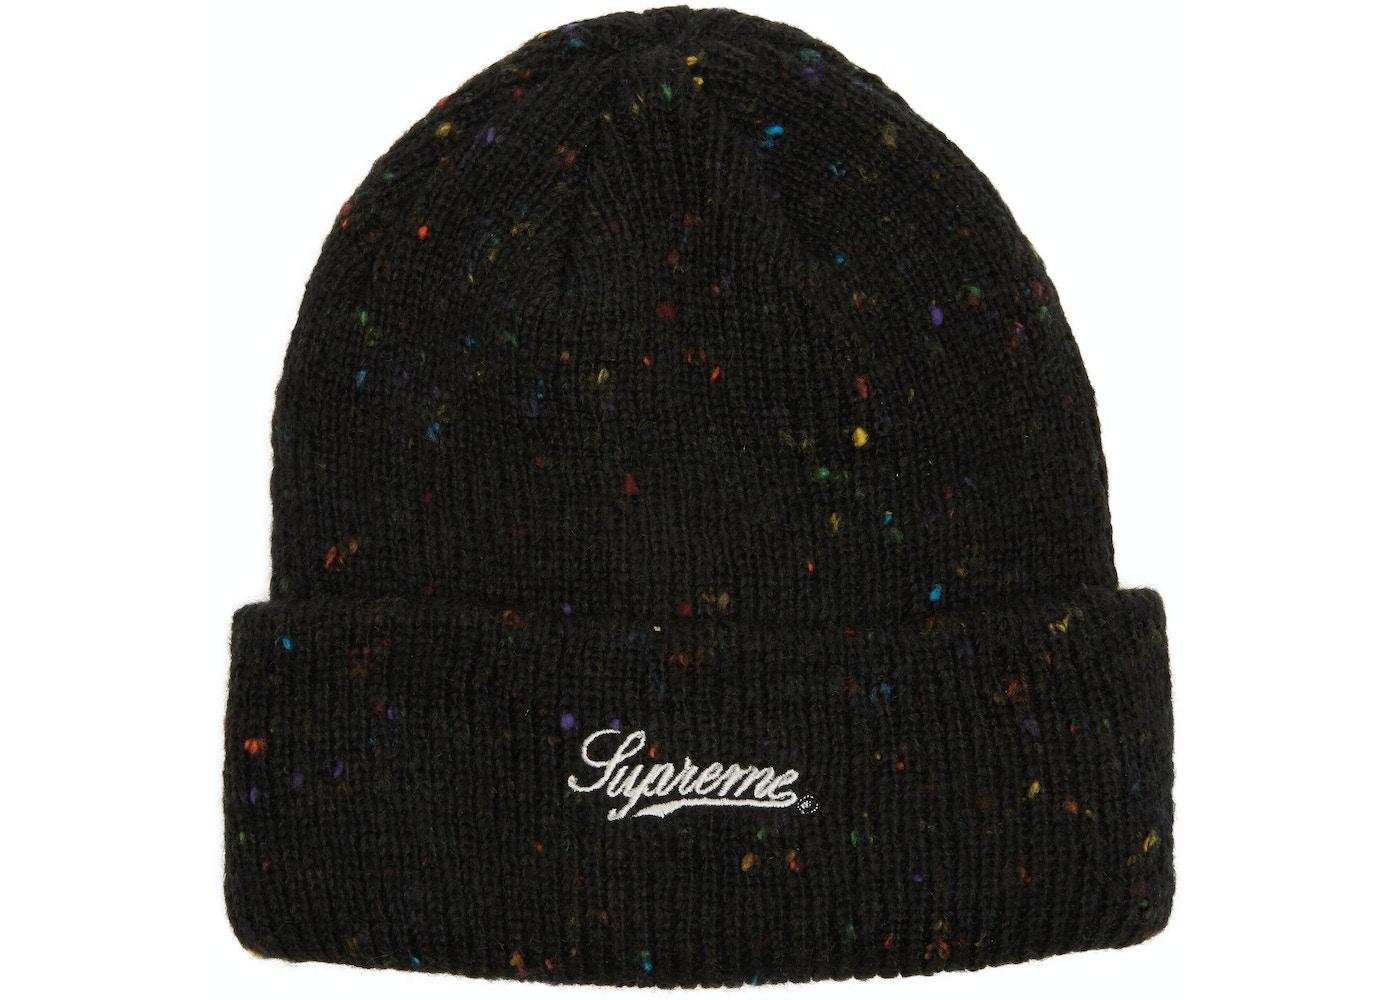 9a778051aa9e5 Supreme Colored Speckle Beanie Black - FW18